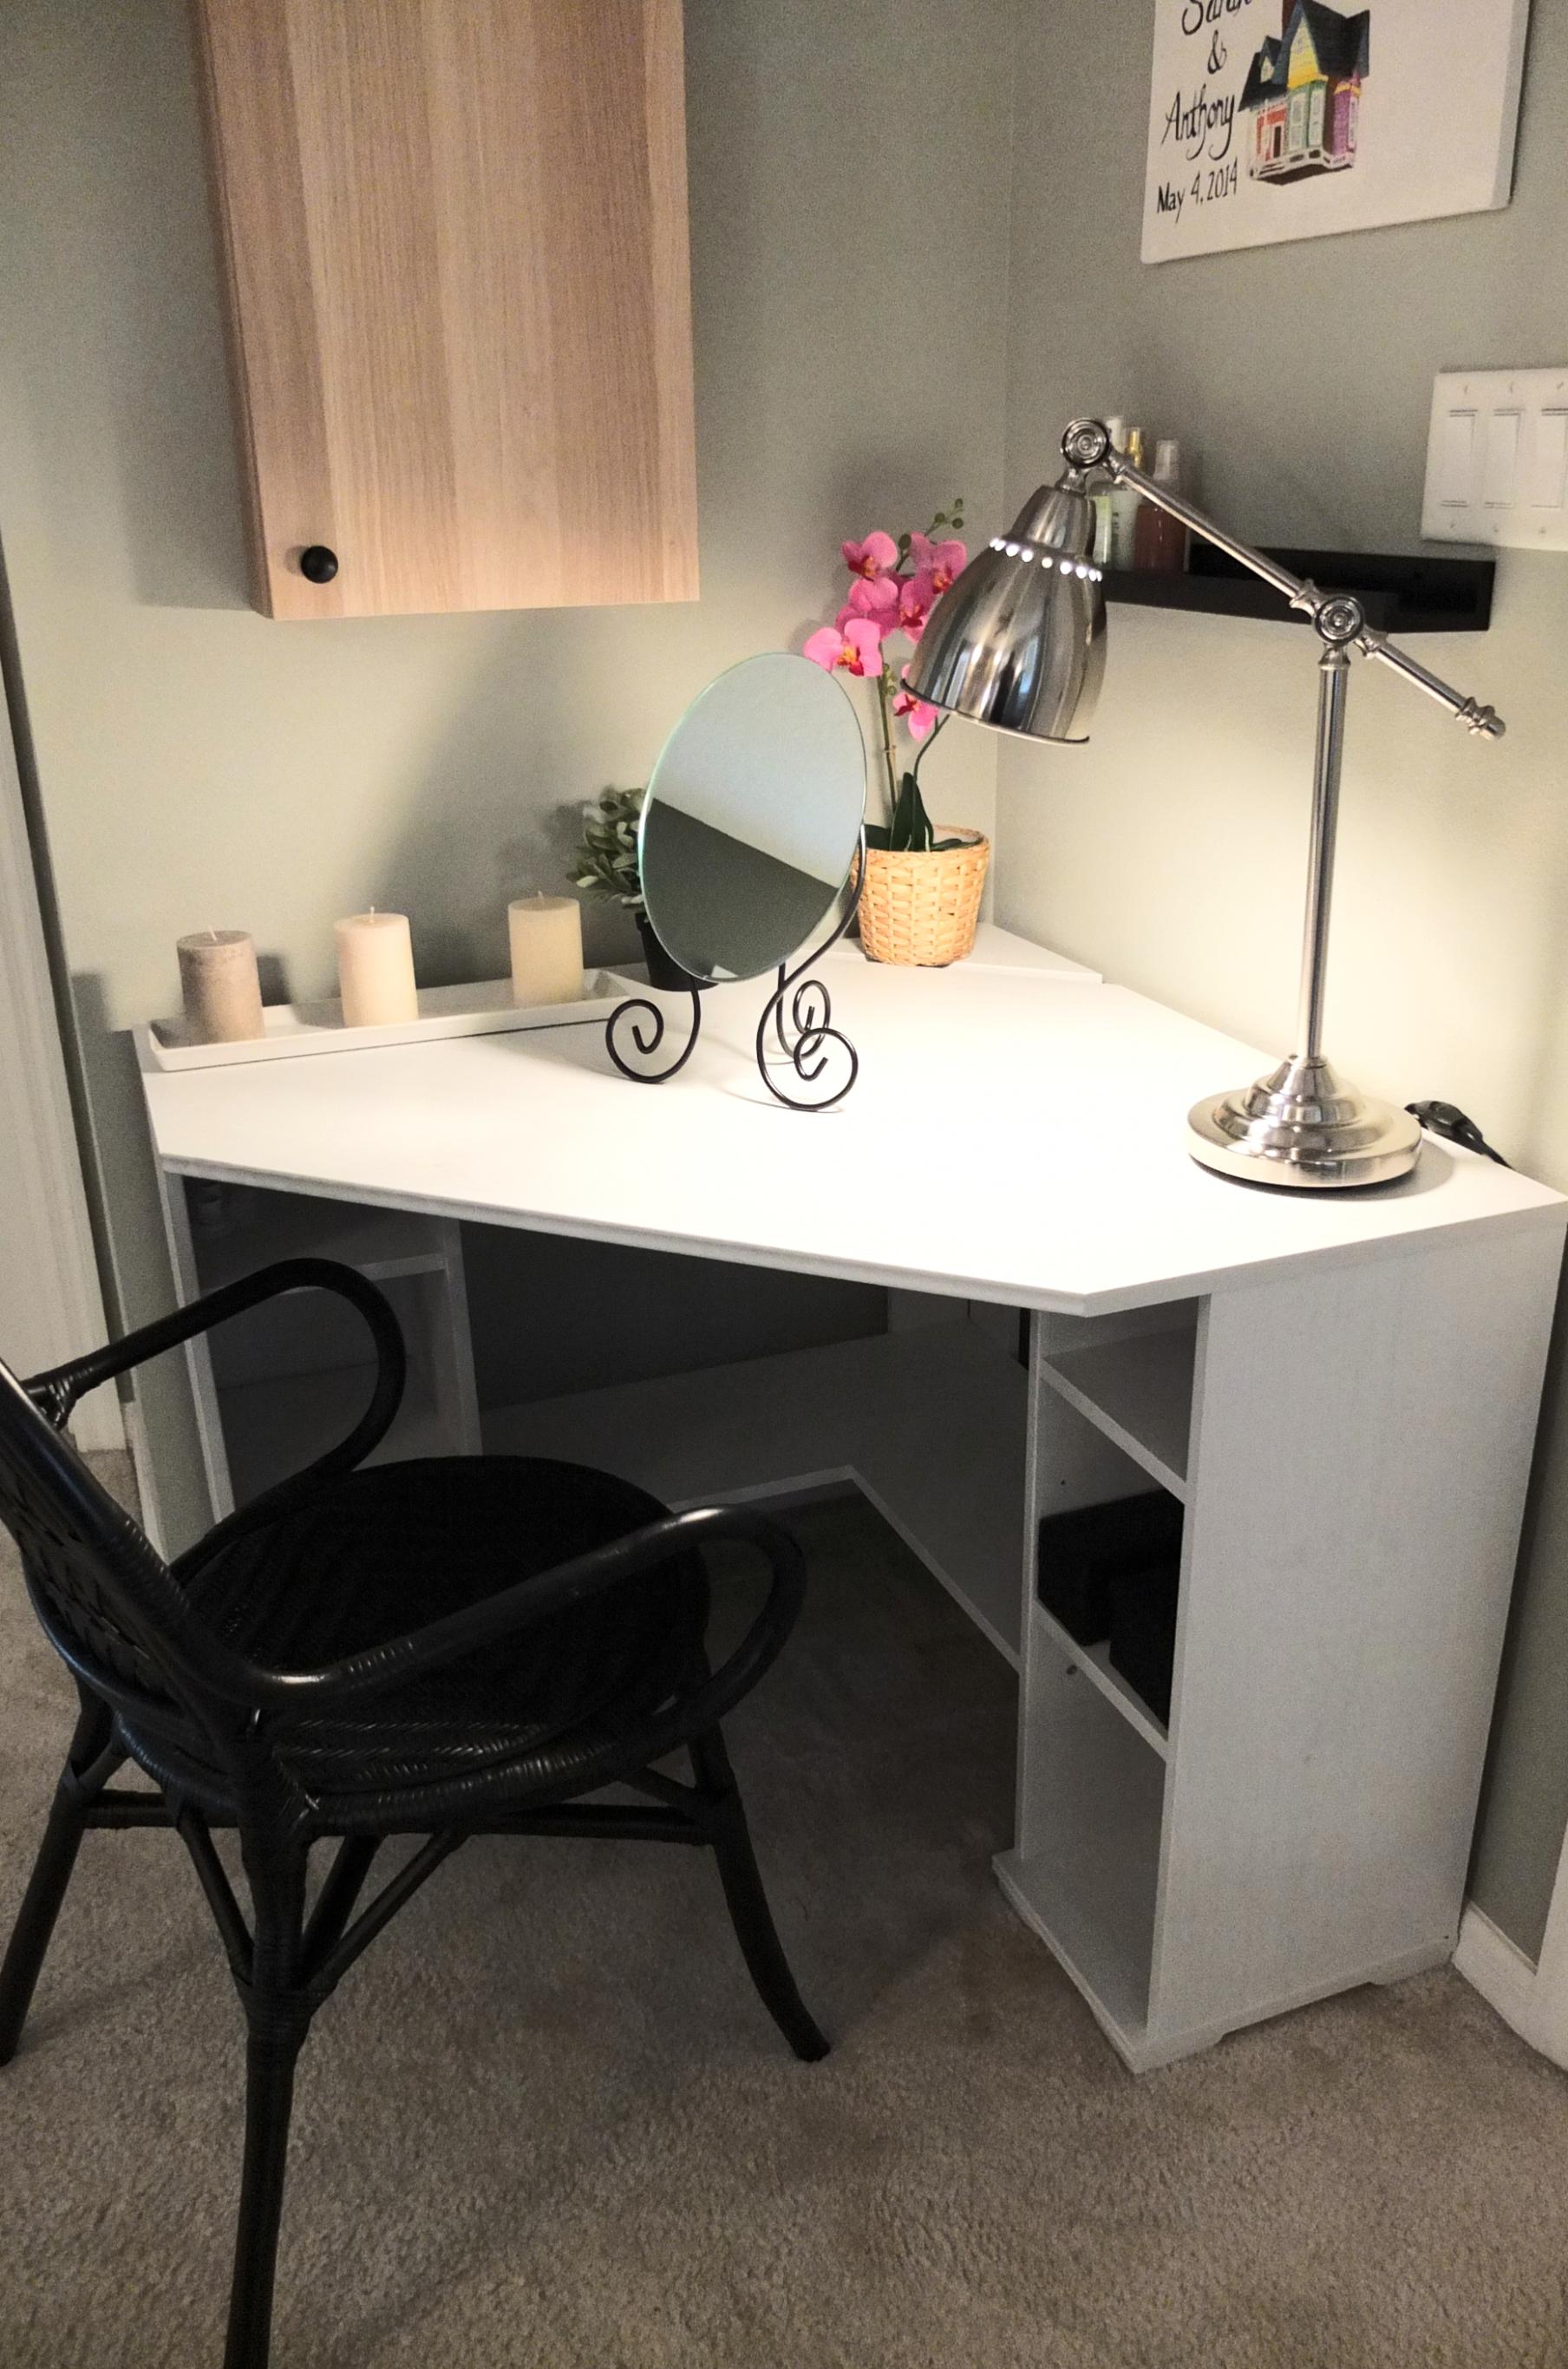 Magnificent small corner desk with Small corner desk